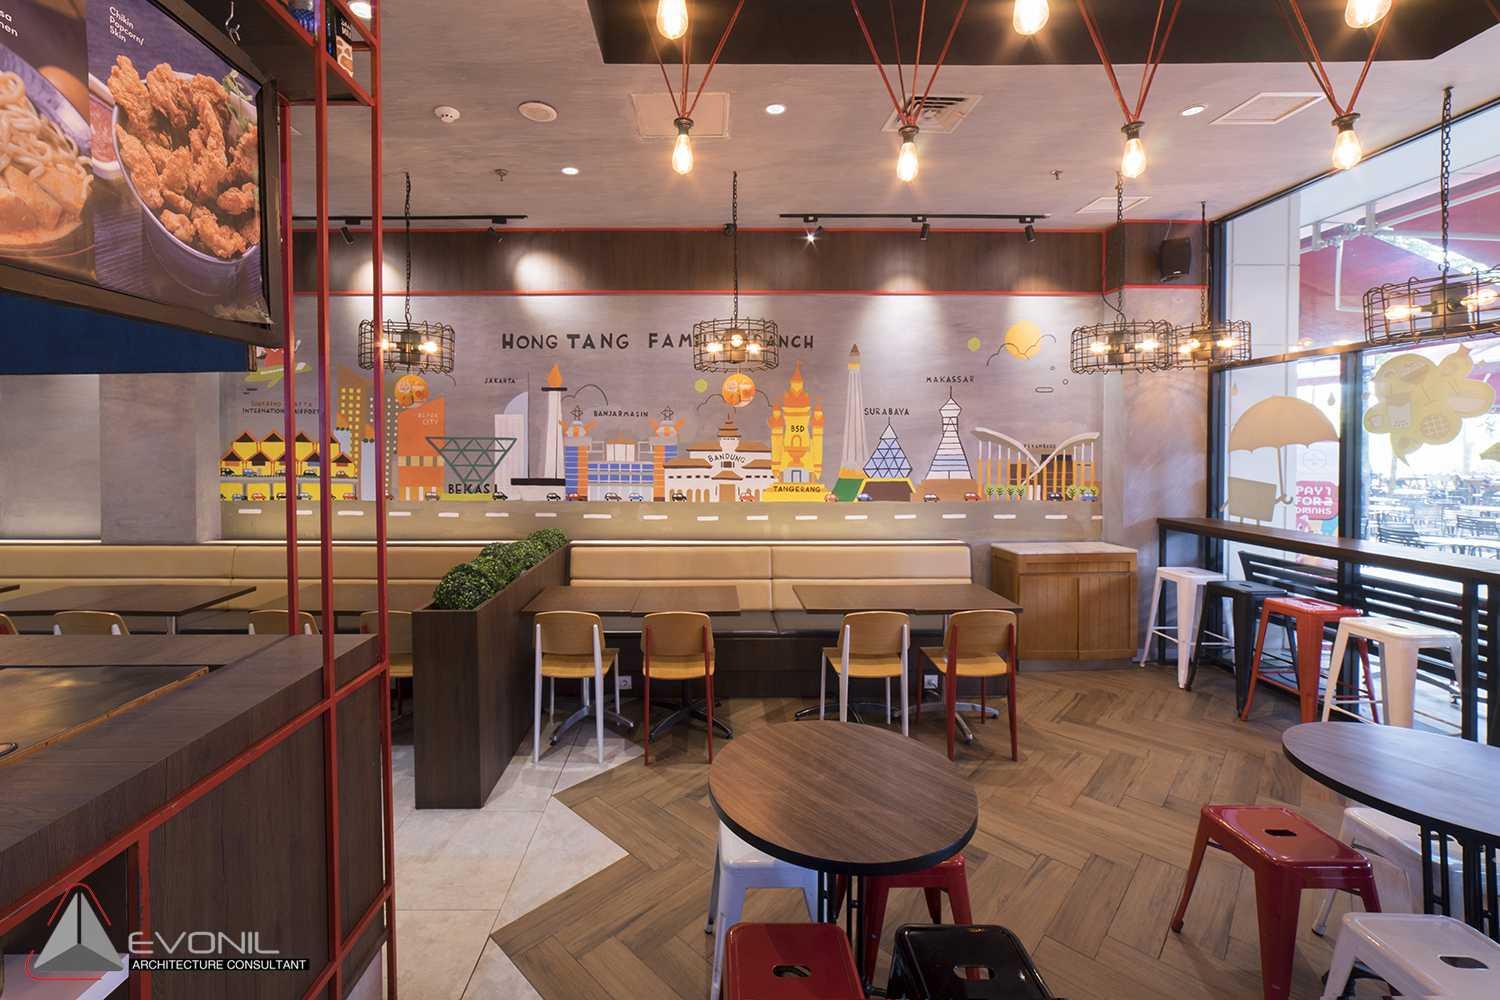 Evonil Architecture Hong Tang Dessert Cafe - Summarecon Mall Bekasi Bekasi, Tambelang, Bekasi, Jawa Barat, Indonesia Bekasi, Tambelang, Bekasi, Jawa Barat, Indonesia Evonil-Architecture-Hong-Tang-Dessert-Cafe-Summarecon-Mall-Bekasi  58387